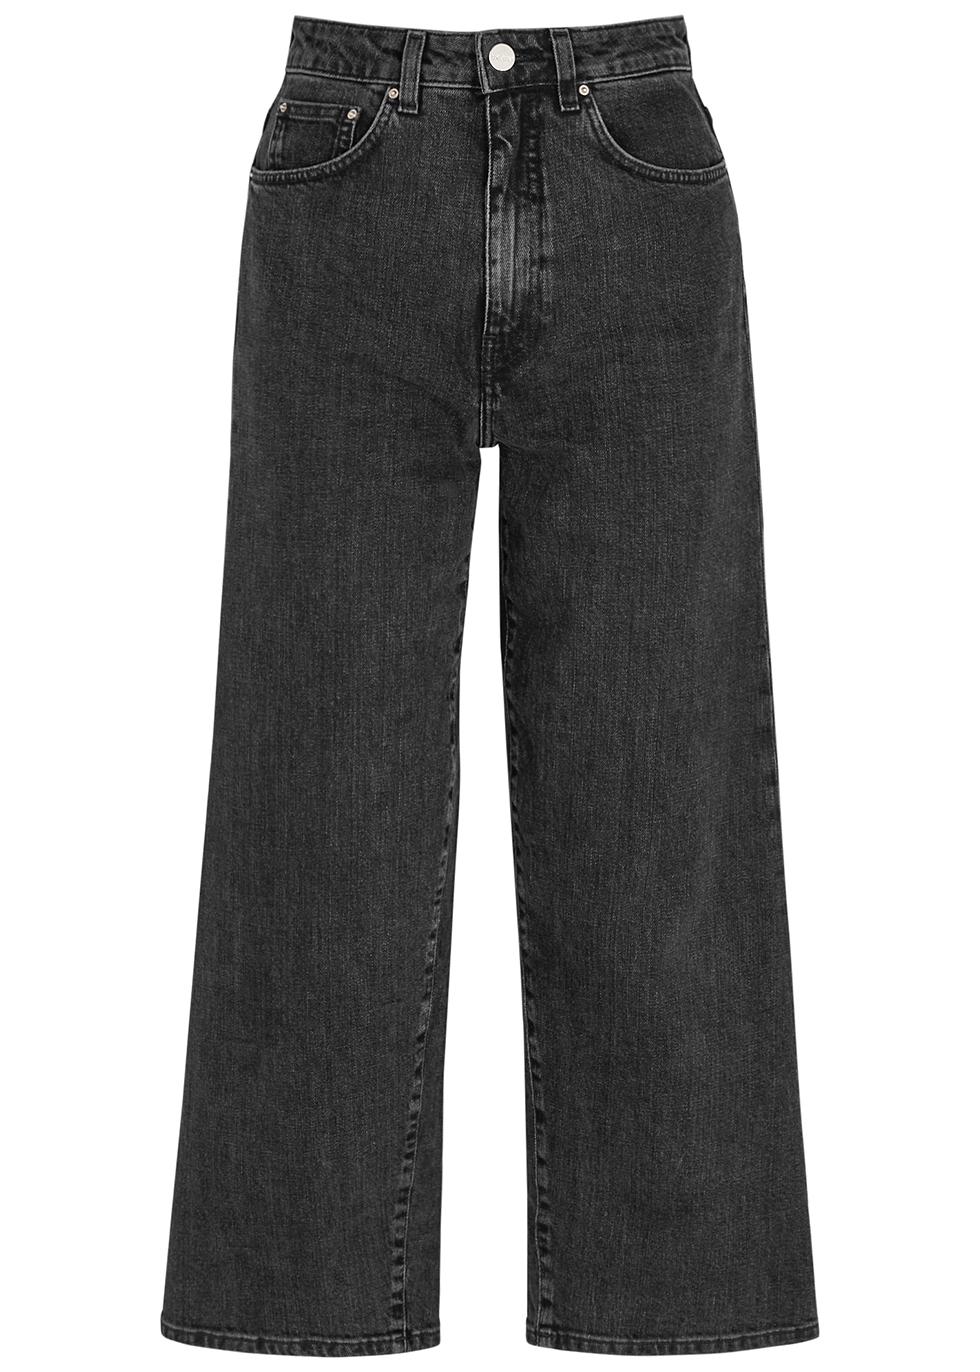 Dark grey wide-leg jeans